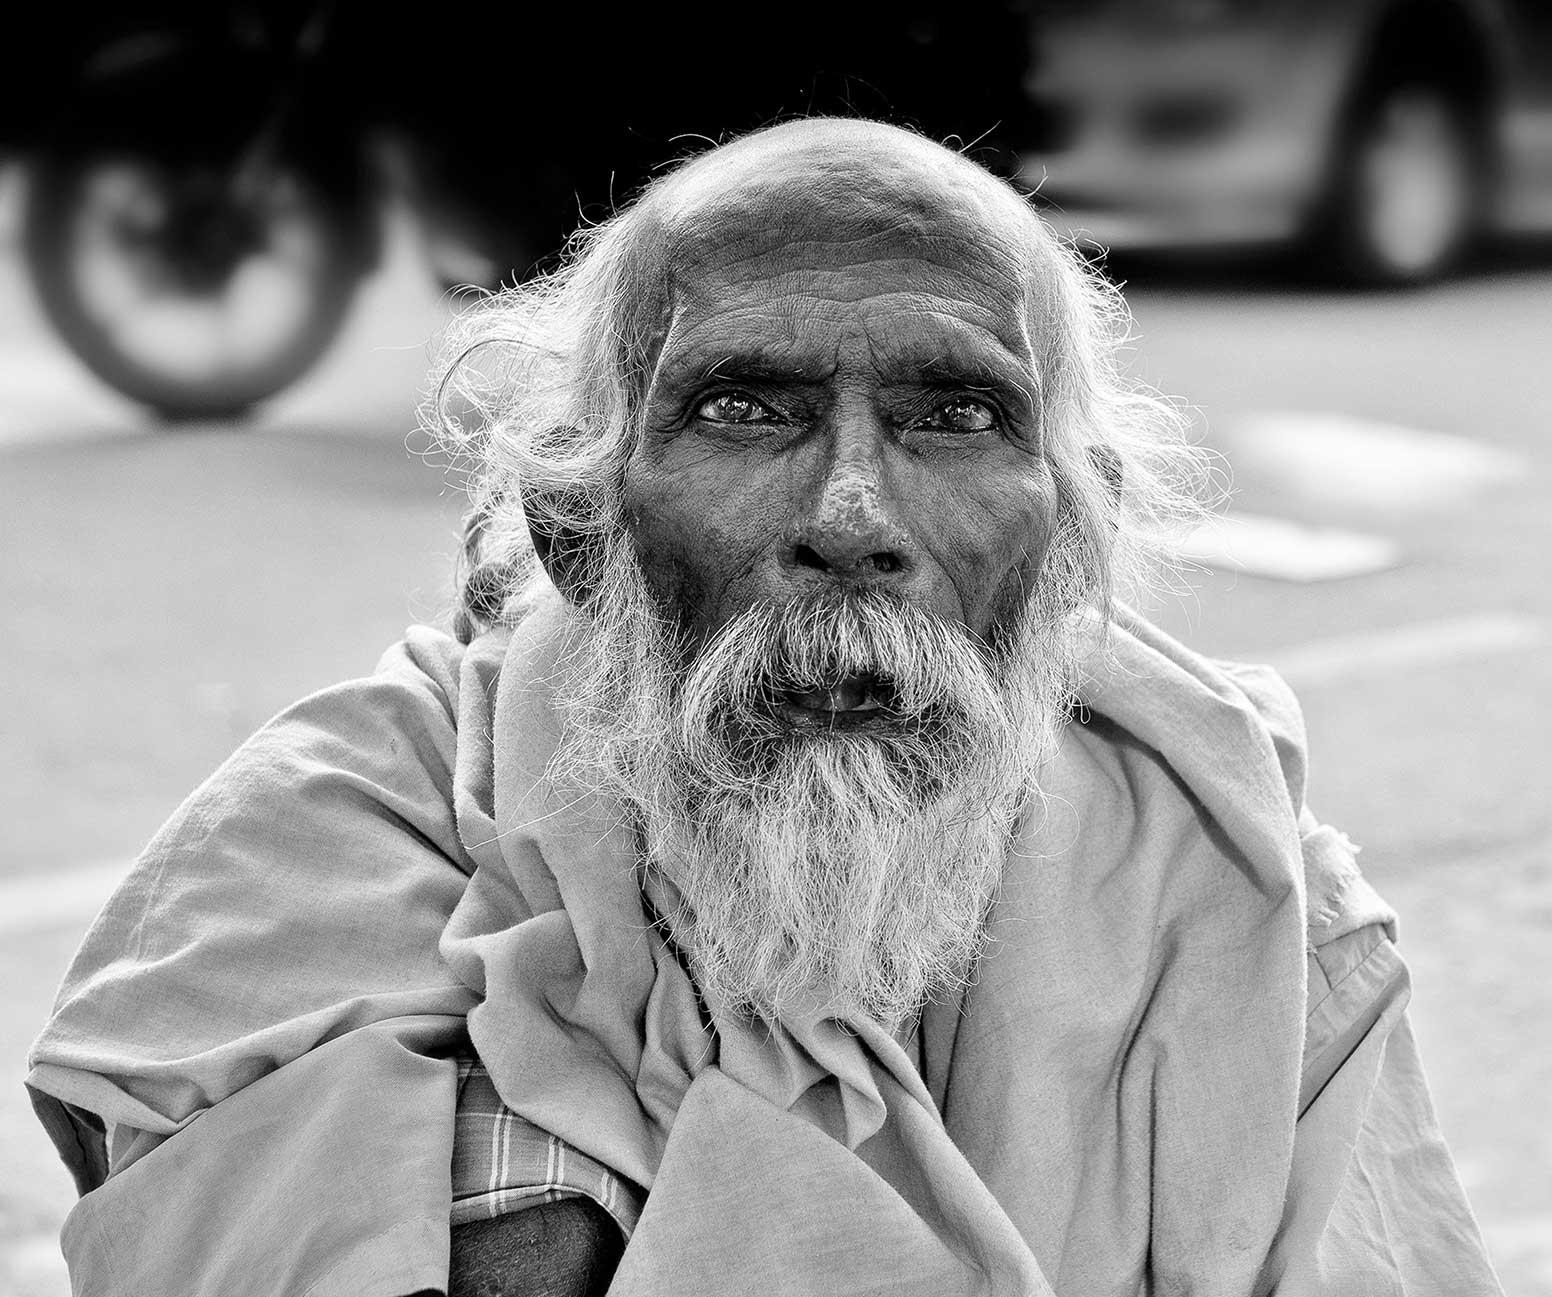 Men of Madurai